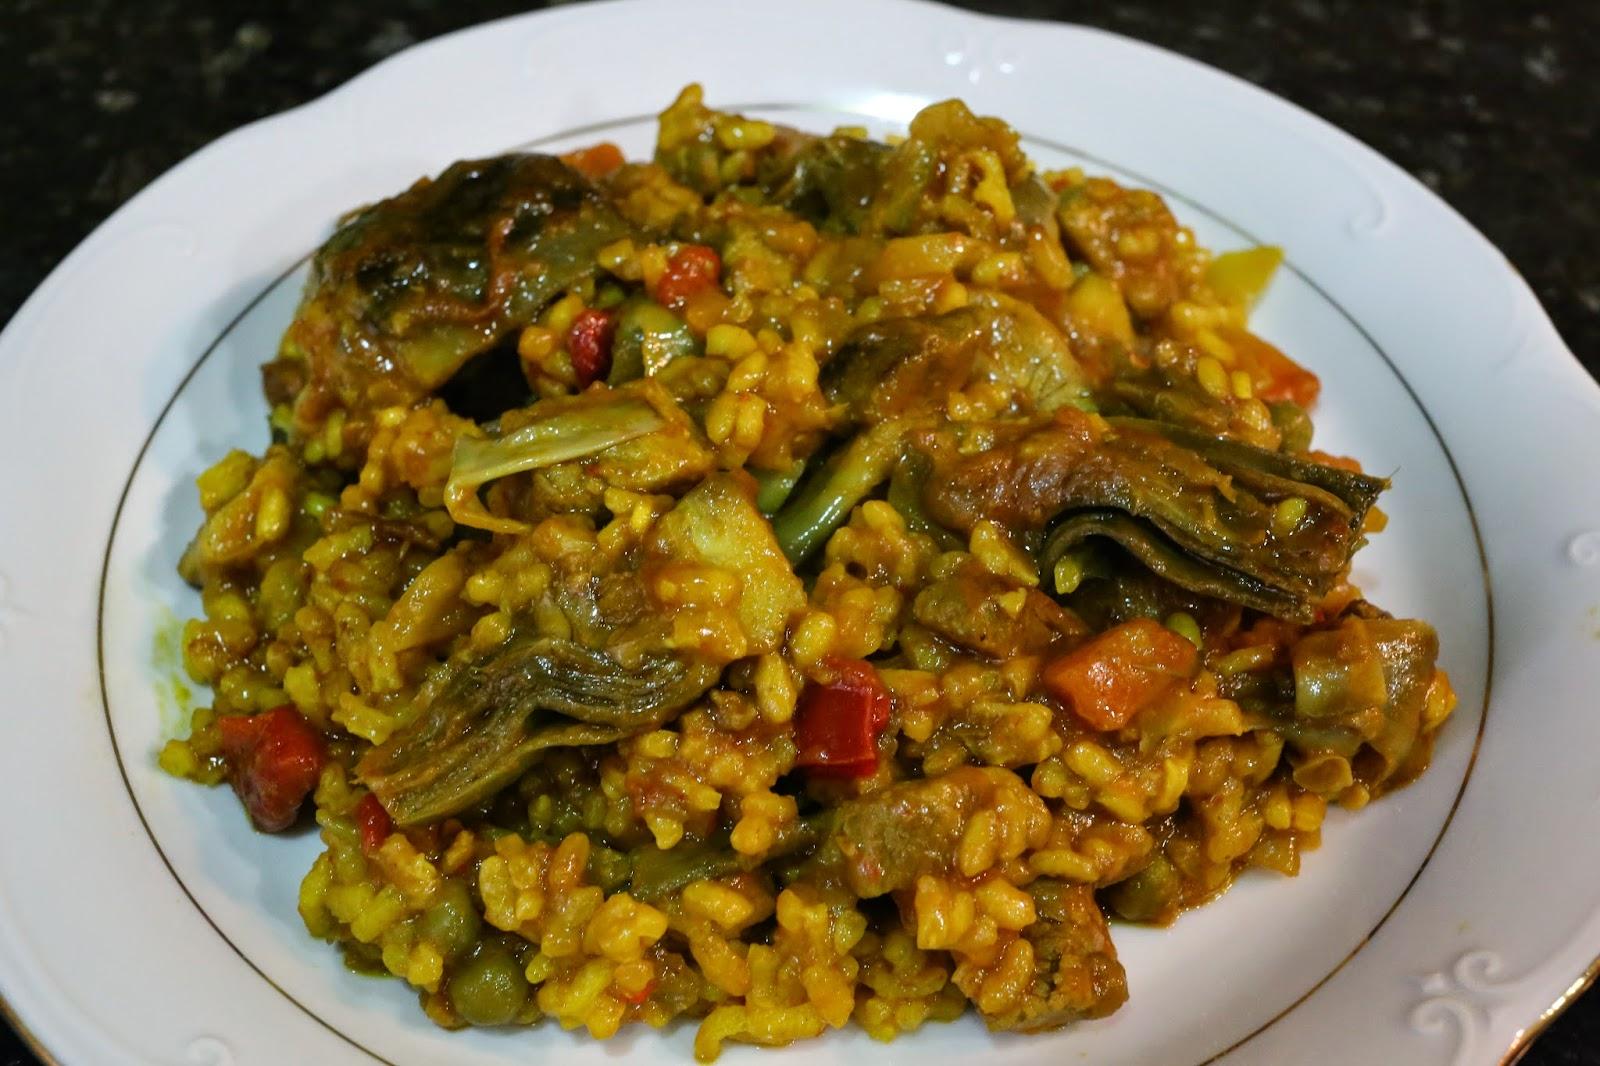 Cocina andaluza arroz con alcachofas y lomo de cerdo - Arroz con alcachofas y jamon ...